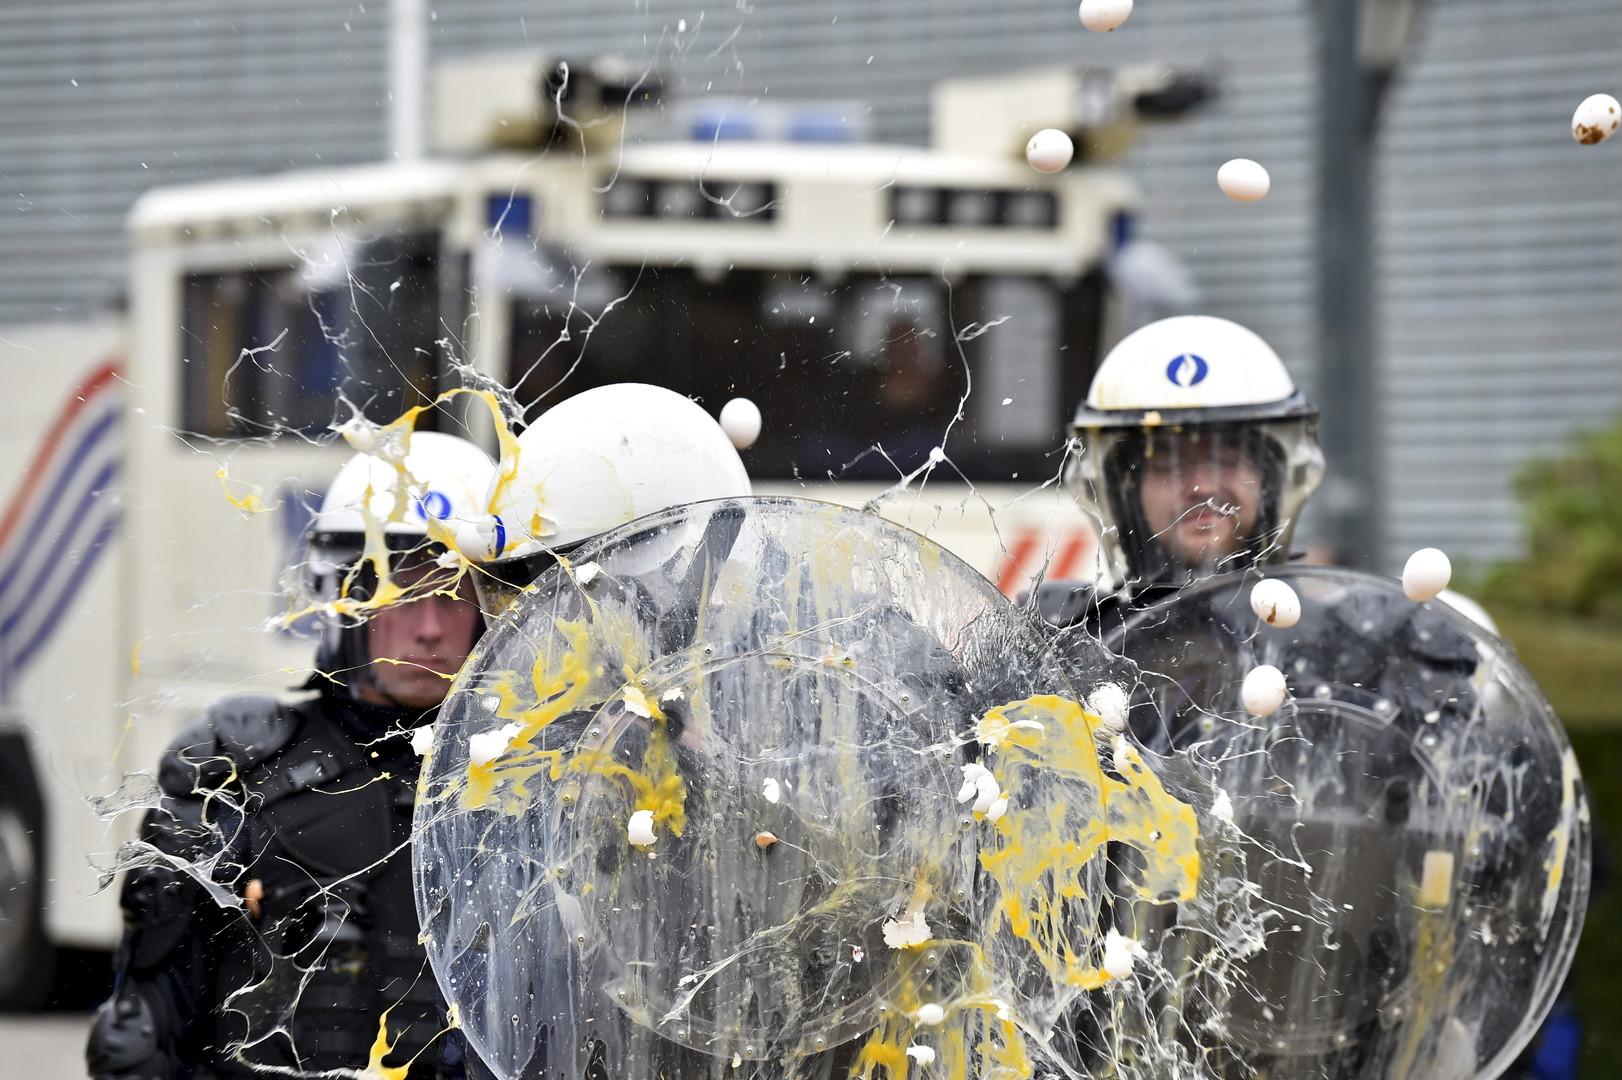 Foin en feu et tracteurs béliers : heurts entre la police et les agriculteurs à Bruxelles (VIDEO)